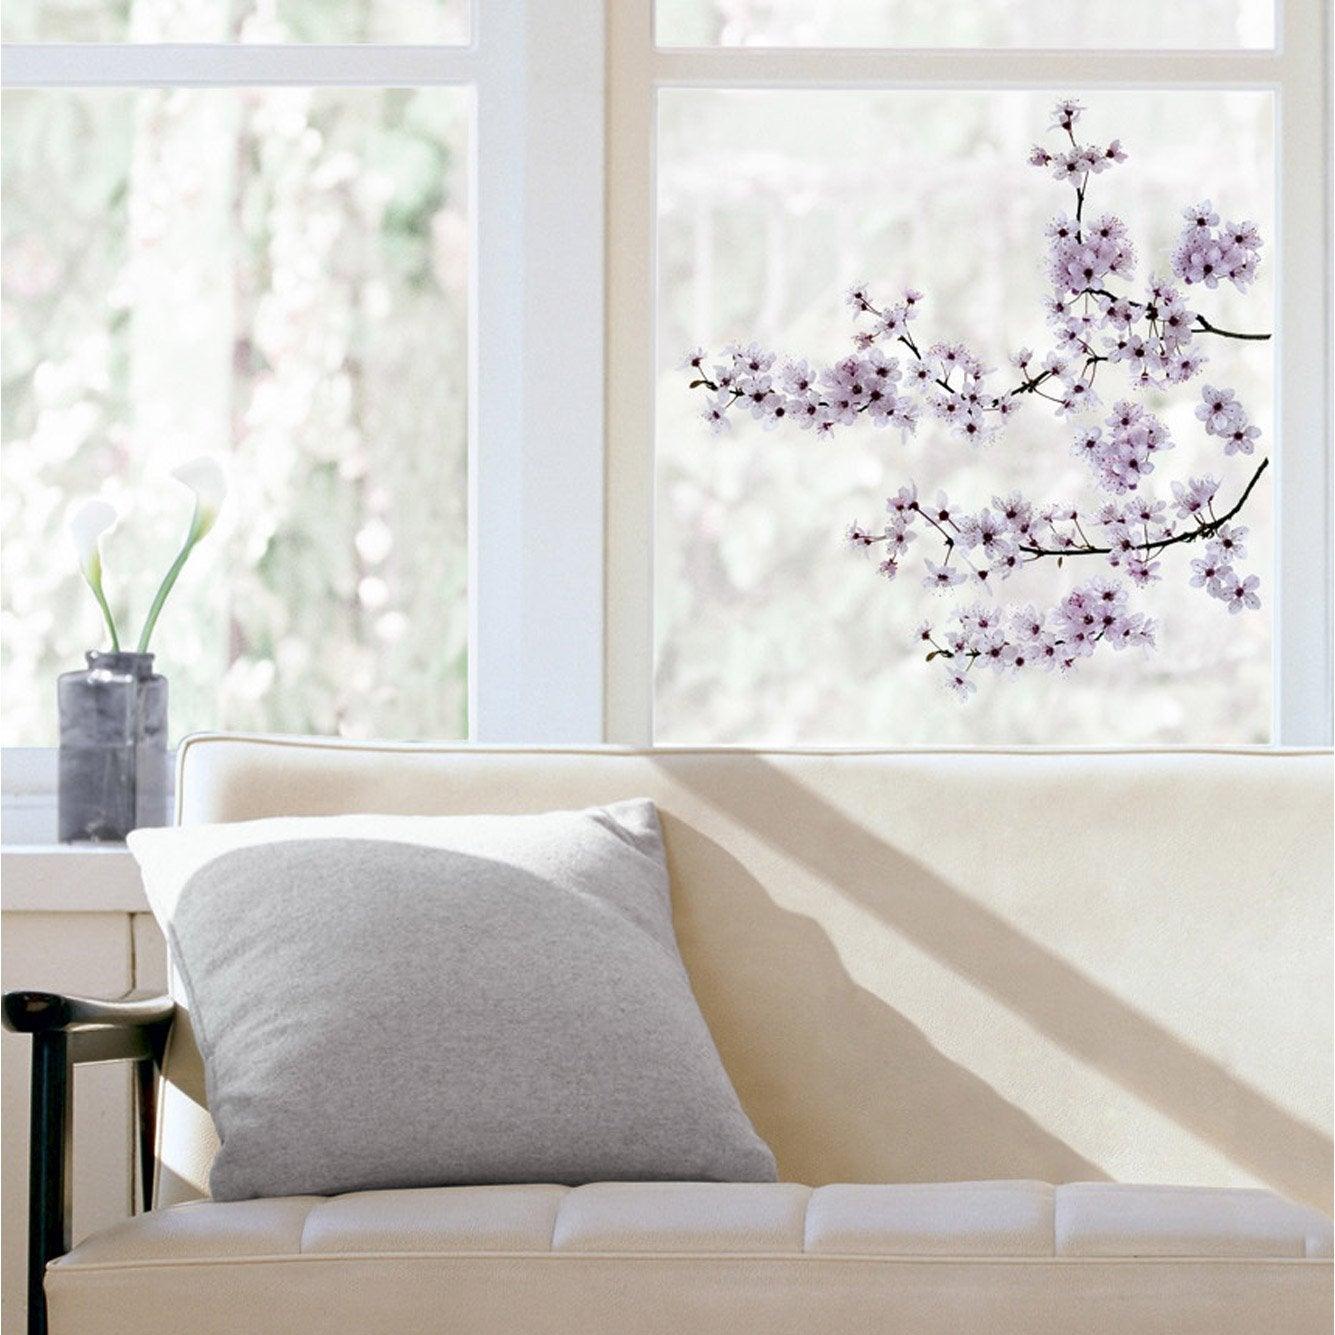 Sticker cerisier en fleurs 24 cm x 69 cm leroy merlin - Leroy merlin rideau japonais ...